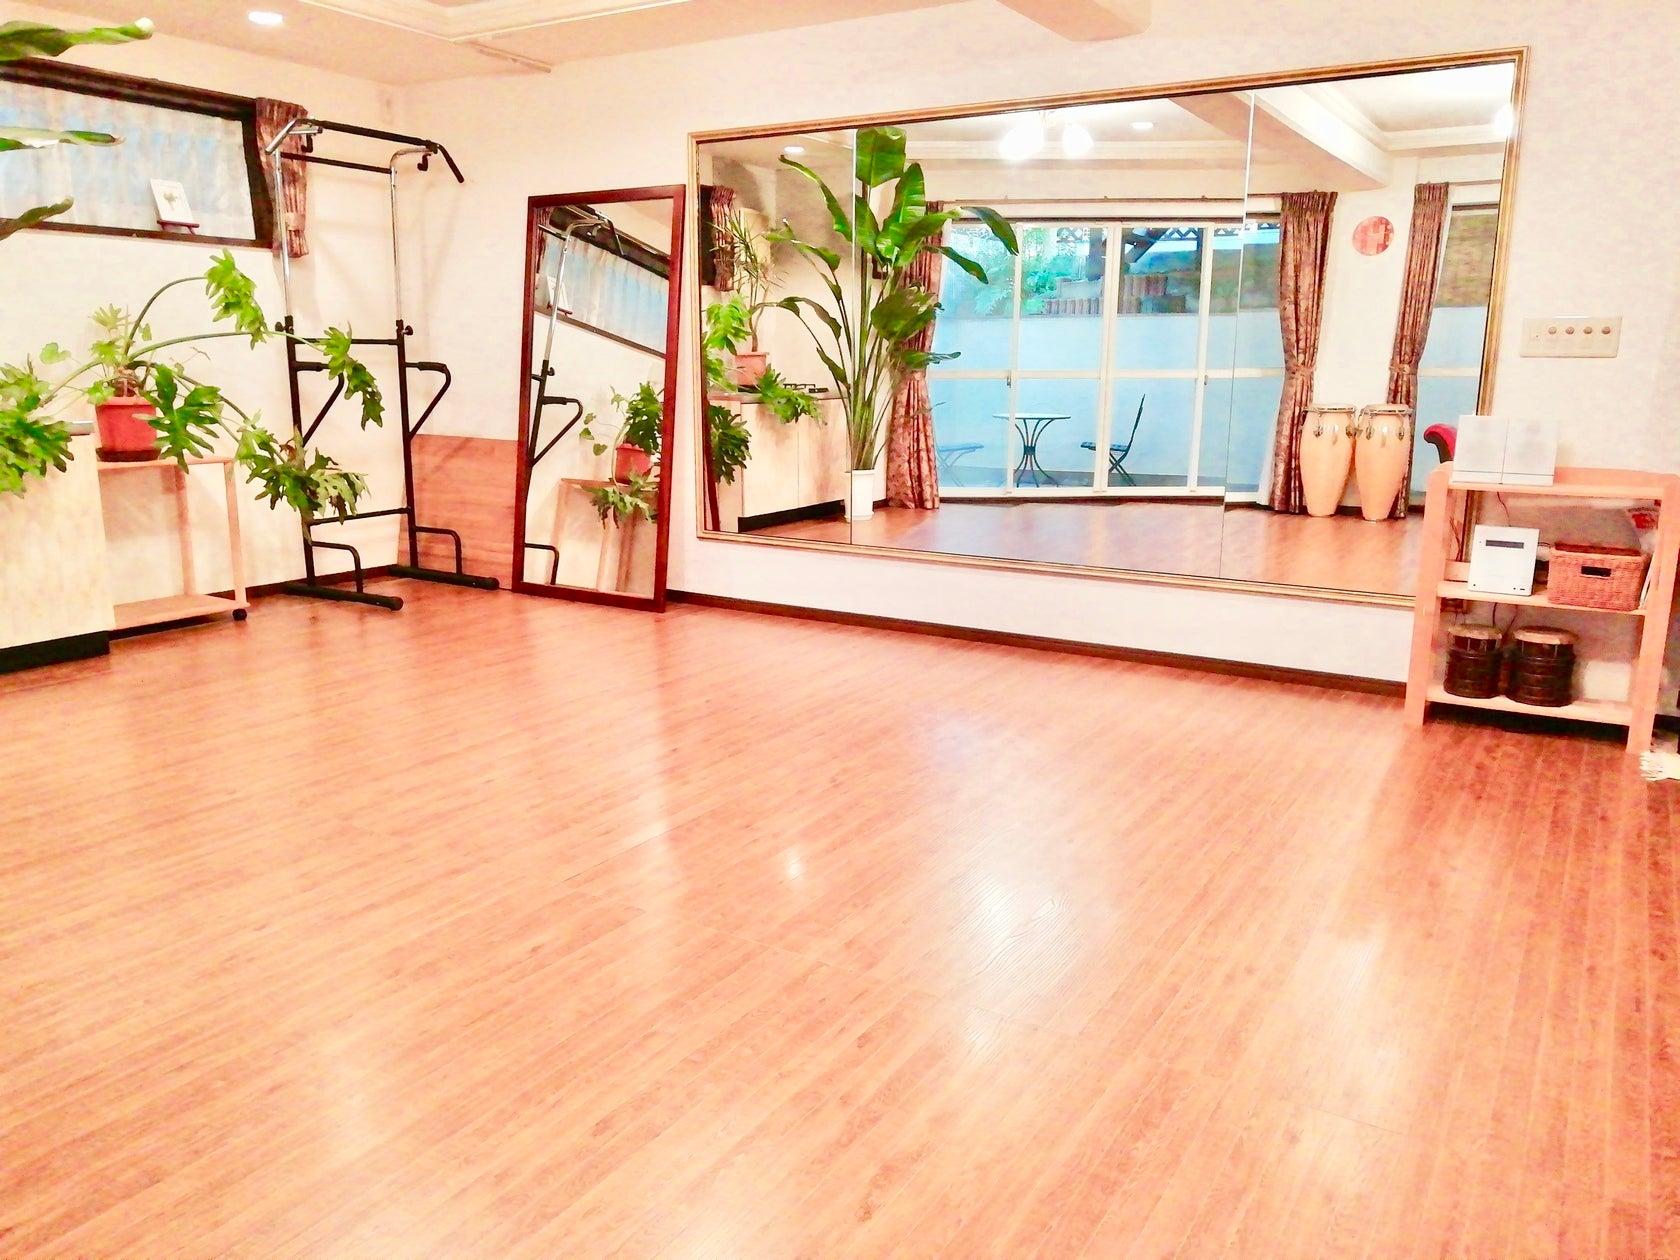 ダンス・ヨガ・ワークショップに!下北沢の隠れ家スタジオ Studio BAILA 下北沢   (ダンス・ヨガ・ワークショップに!下北沢の隠れ家スタジオ Studio BAILA 下北沢   ) の写真0